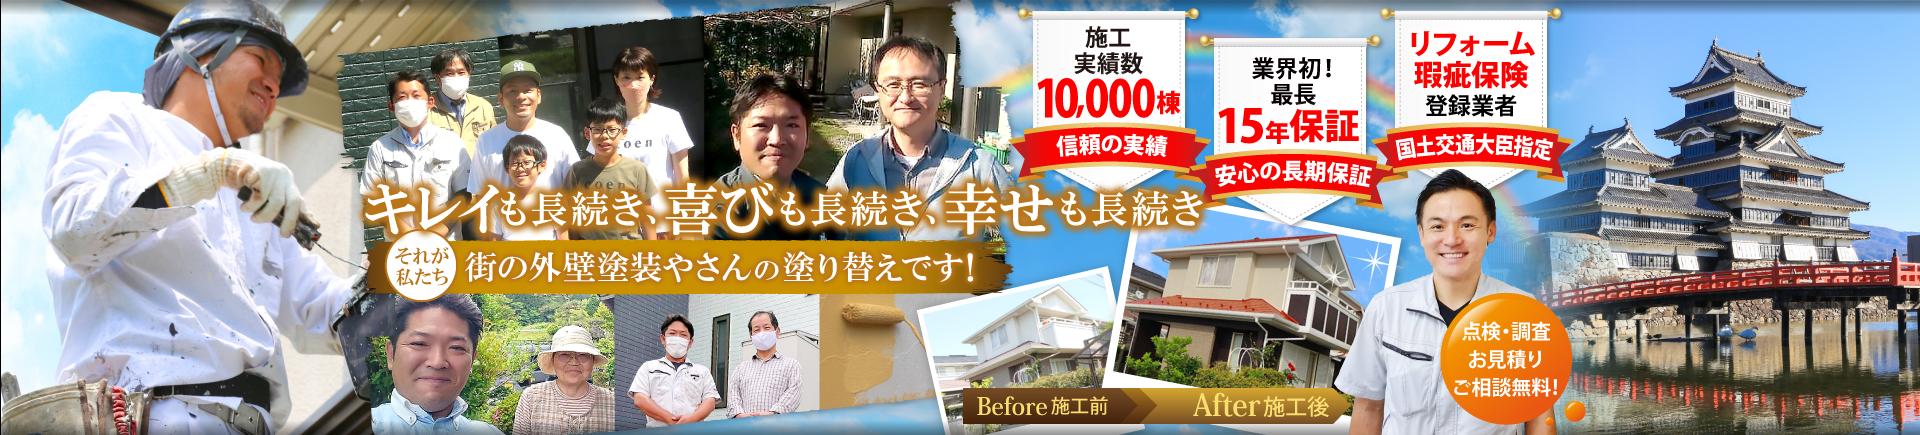 塩尻市・茅野市・松本市で外壁、屋根の塗装なら街の外壁塗装やさん松本諏訪平店